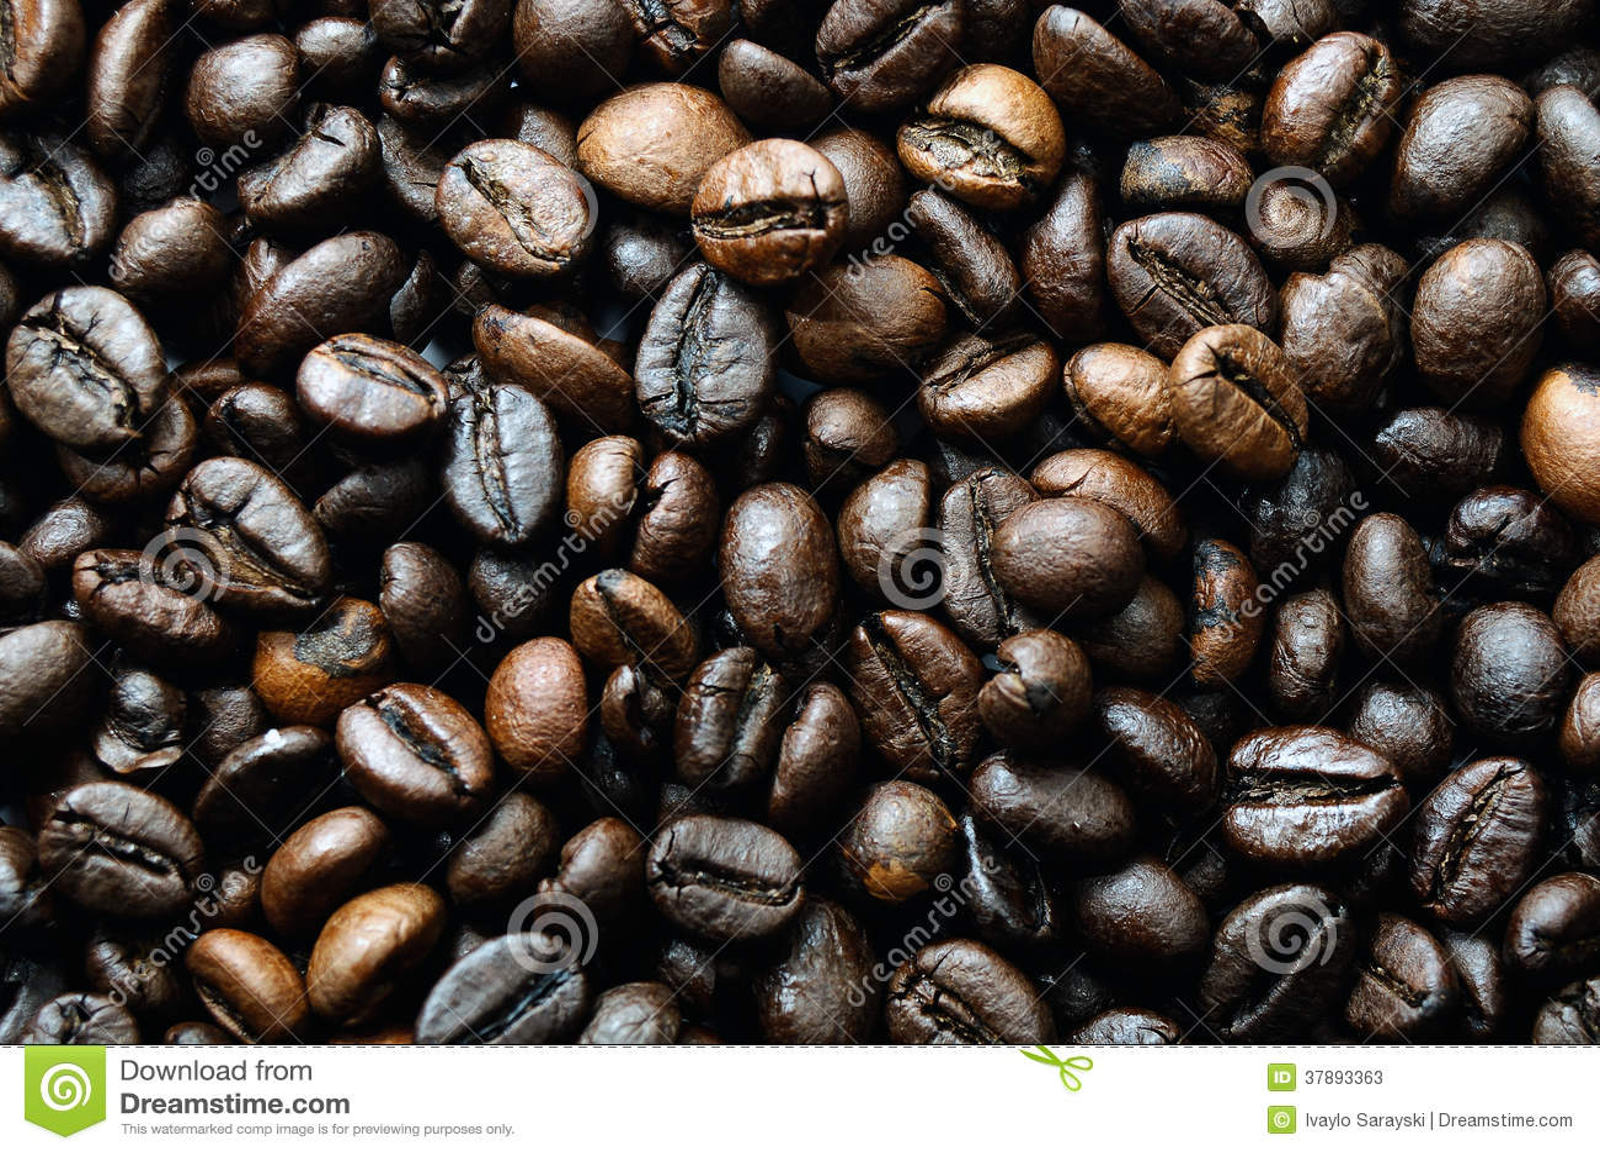 Koffie beens